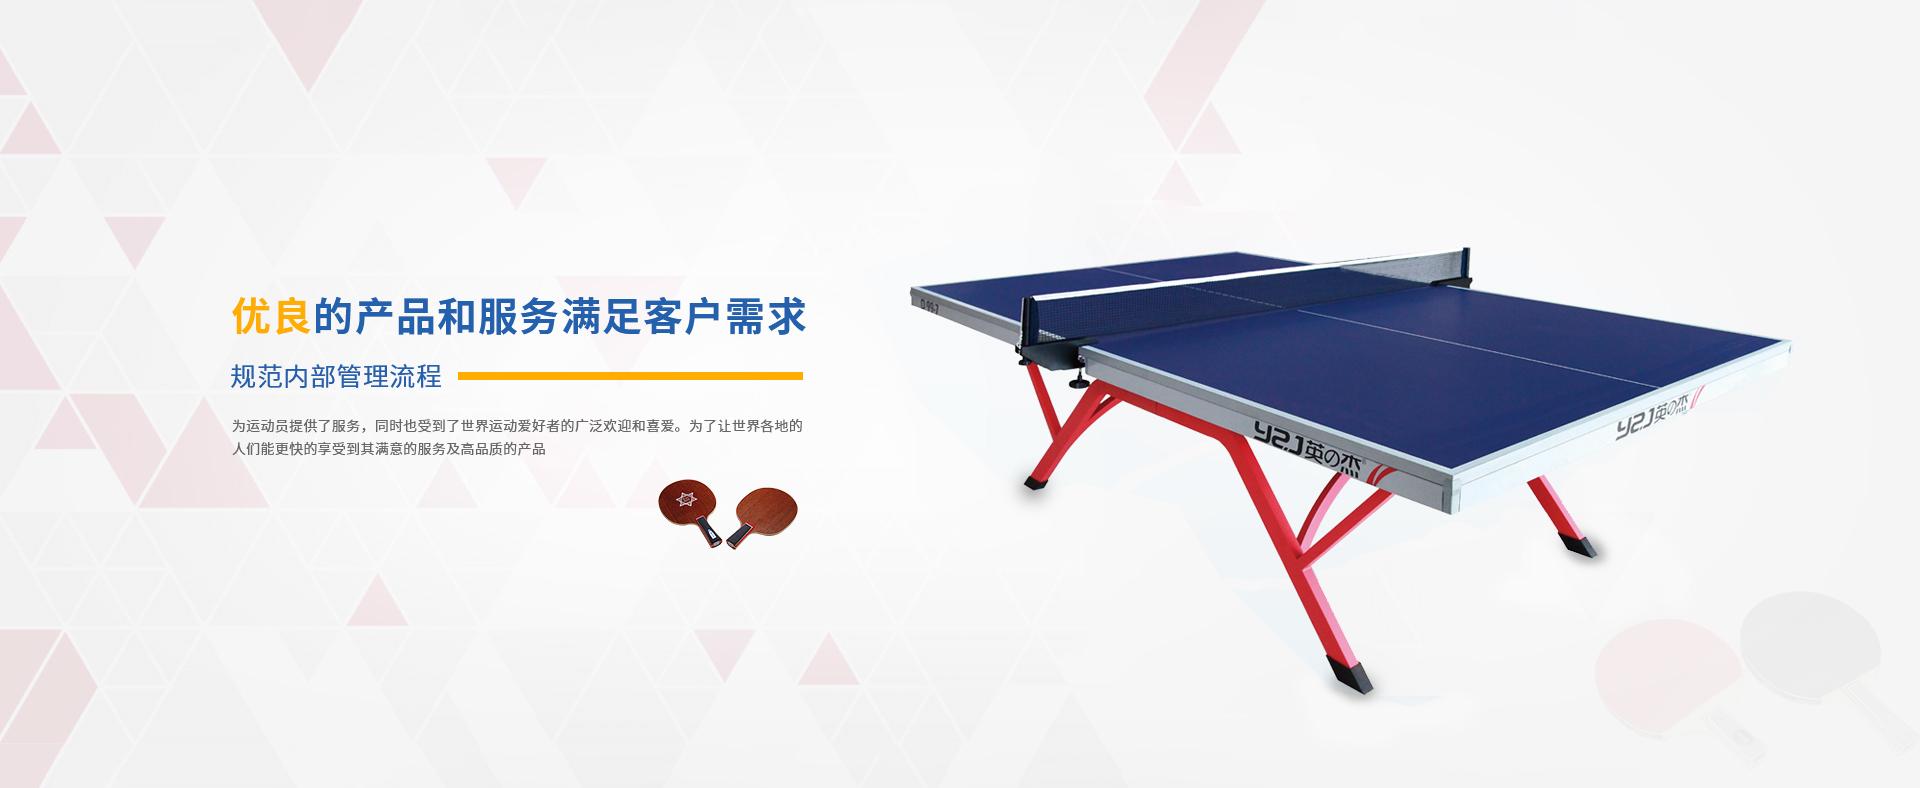 乒乓球厂家